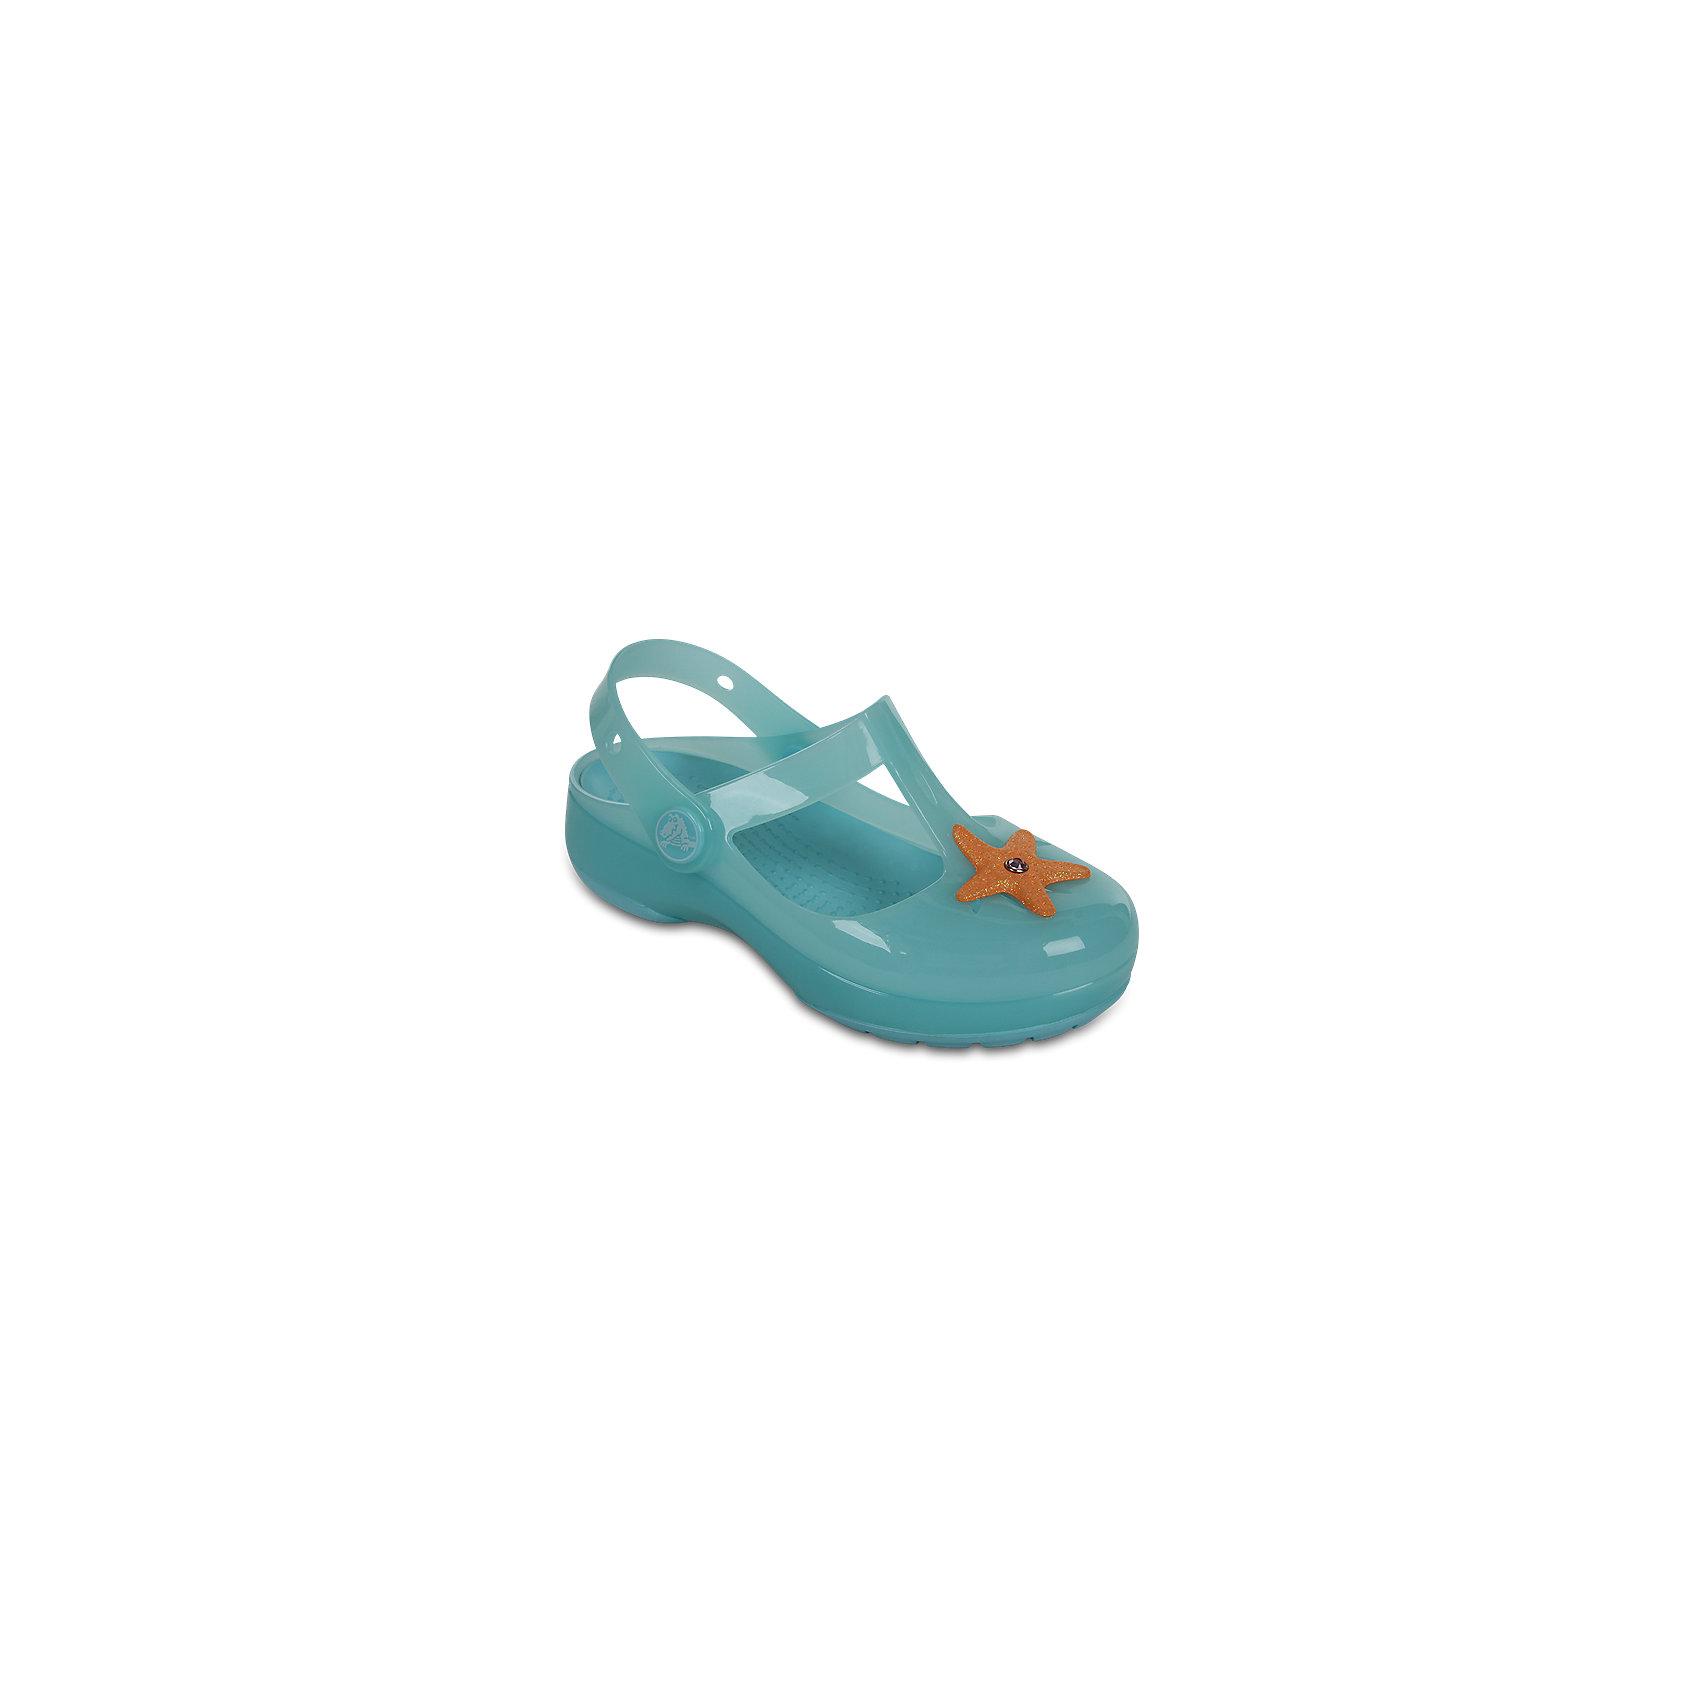 Сандалии для девочки Isabella Novelty Sandals CrocsПляжная обувь<br>Характеристики товара:<br><br>• цвет: бирюзовый<br>• сезон: лето<br>• тип сандалей: закрытые<br>• материал: 100% полимер Croslite™<br>• литая модель<br>• объемное украшение<br>• бактериостатичный материал<br>• пяточный ремешок фиксирует стопу<br>• устойчивая подошва<br>• анатомическая стелька с массажными точками<br>• страна бренда: США<br>• страна изготовитель: Китай<br><br>Сандалии для девочки Isabella Novelty Sandals обеспечивают детям необходимый комфорт, а анатомическая стелька с массажными линиями для стимуляции кровообращения позволяет ножкам дольше не уставать. <br><br>Сандалии легко надеваются и снимаются, отлично сидят на ноге. <br><br>Материал, из которого они сделаны, не дает размножаться бактериям, поэтому такая обувь препятствует образованию неприятного запаха и появлению болезней стоп. <br><br>Обувь от американского бренда Crocs в данный момент завоевала широкую популярность во всем мире, и это не удивительно - ведь она невероятно удобна. <br><br>Её носят врачи, спортсмены, звёзды шоу-бизнеса, люди, которым много времени приходится бывать на ногах - они понимают, как важна комфортная обувь.<br><br>Продукция Crocs - это качественные товары, созданные с применением новейших технологий. <br><br>Сандалии для девочки Isabella Novelty Sandals от торговой марки Crocs можно купить в нашем интернет-магазине.<br><br>Ширина мм: 225<br>Глубина мм: 139<br>Высота мм: 112<br>Вес г: 290<br>Цвет: голубой<br>Возраст от месяцев: 24<br>Возраст до месяцев: 36<br>Пол: Женский<br>Возраст: Детский<br>Размер: 26,27,28,29,30,21,22,23,24,25<br>SKU: 5416820